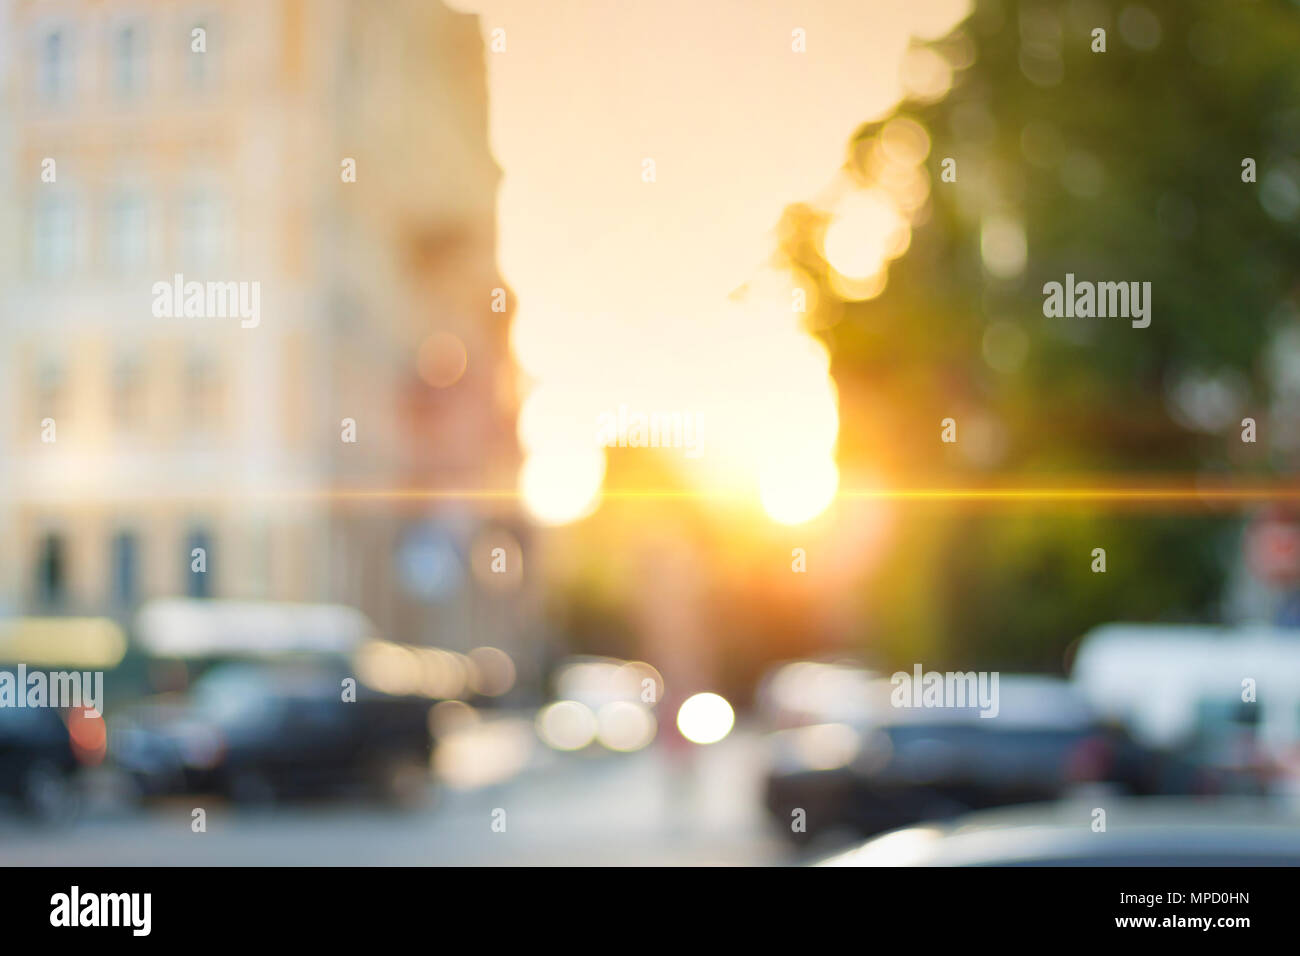 Beautiful Sunset City Bokeh Blurred Background Photo Stock Photo Alamy